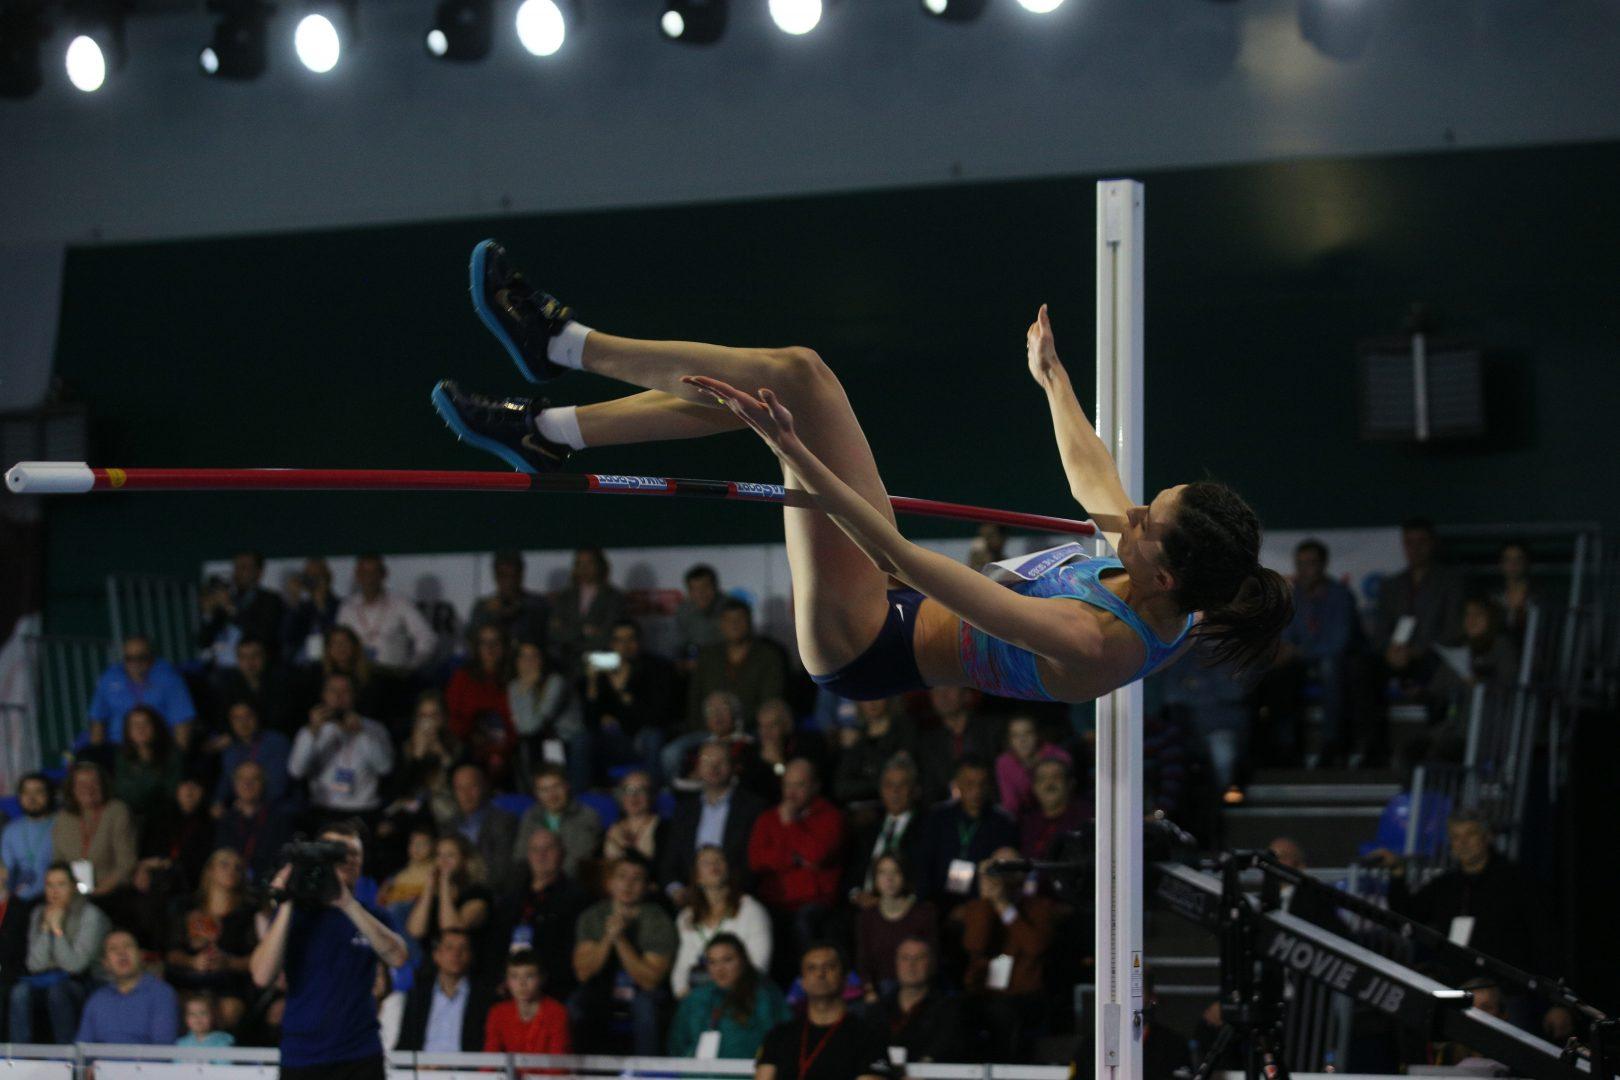 Соревнования по прыжкам в высоту состоятся в Москве. Фото: Антон Гердо, «Вечерняя Москва»